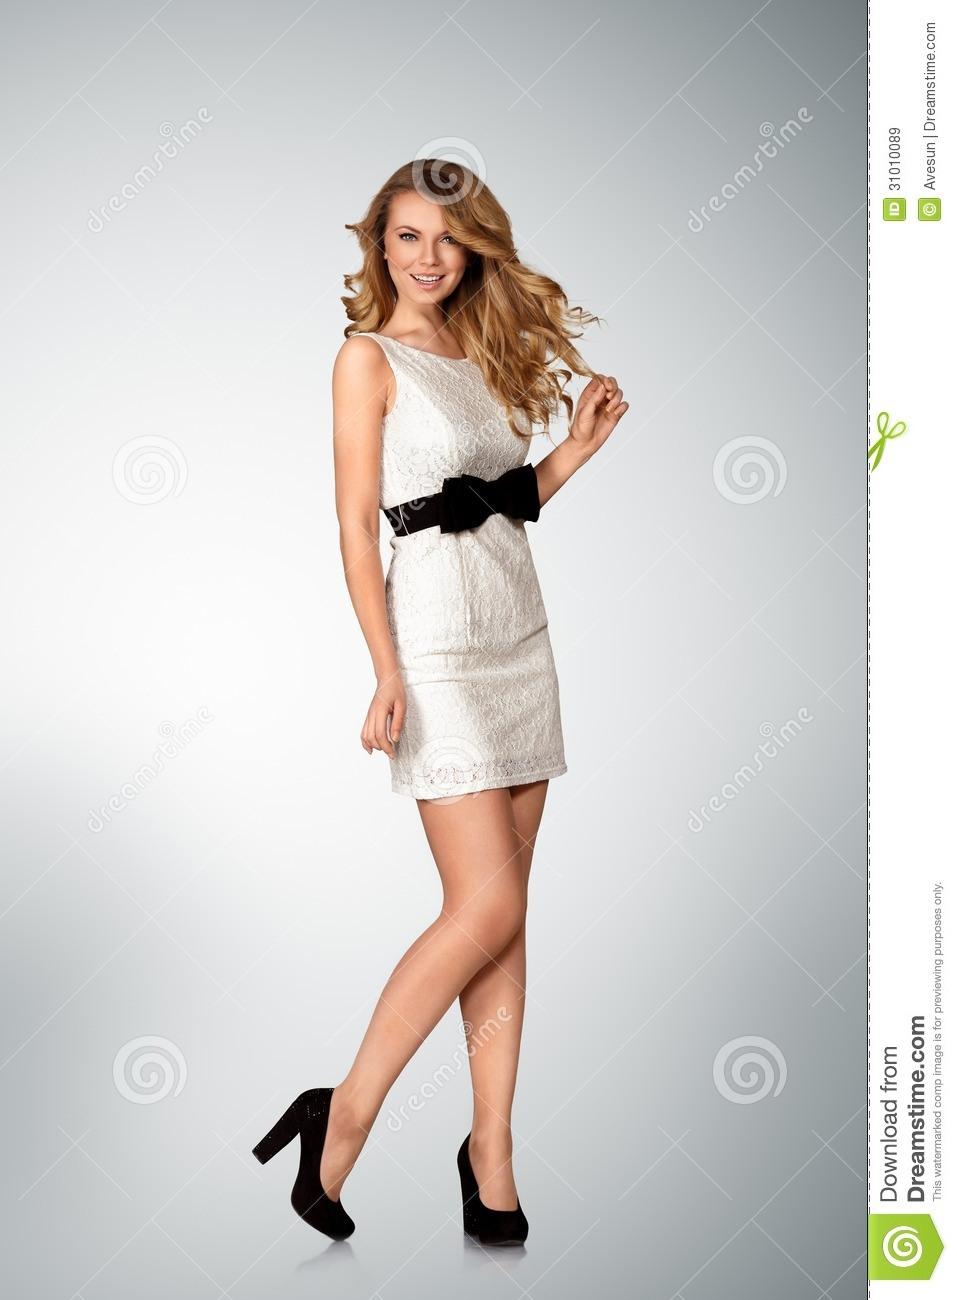 Abend Kreativ Abendkleider Junge Frauen BoutiqueFormal Schön Abendkleider Junge Frauen Vertrieb